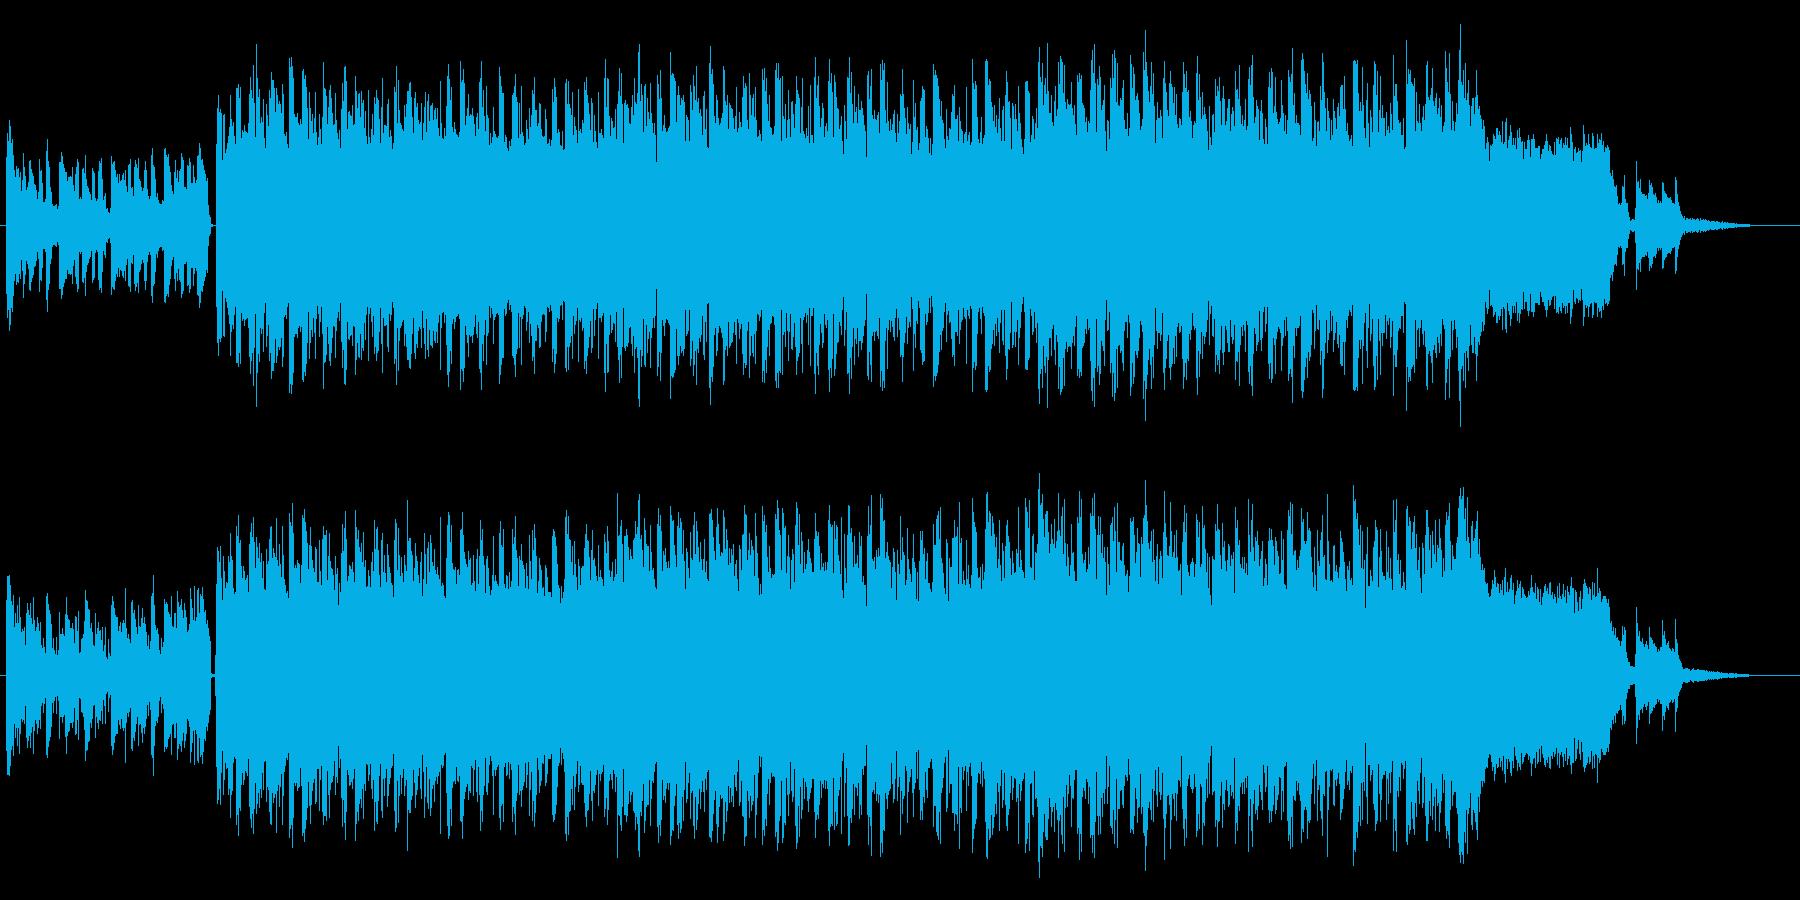 エレクトロニカ&ロックなエレキギターの再生済みの波形